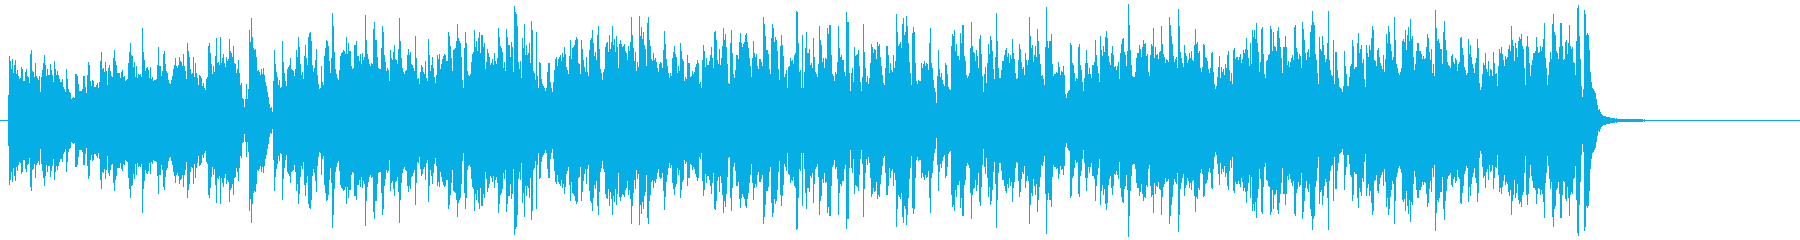 コミカルなバイオリンのジプシージャズの再生済みの波形